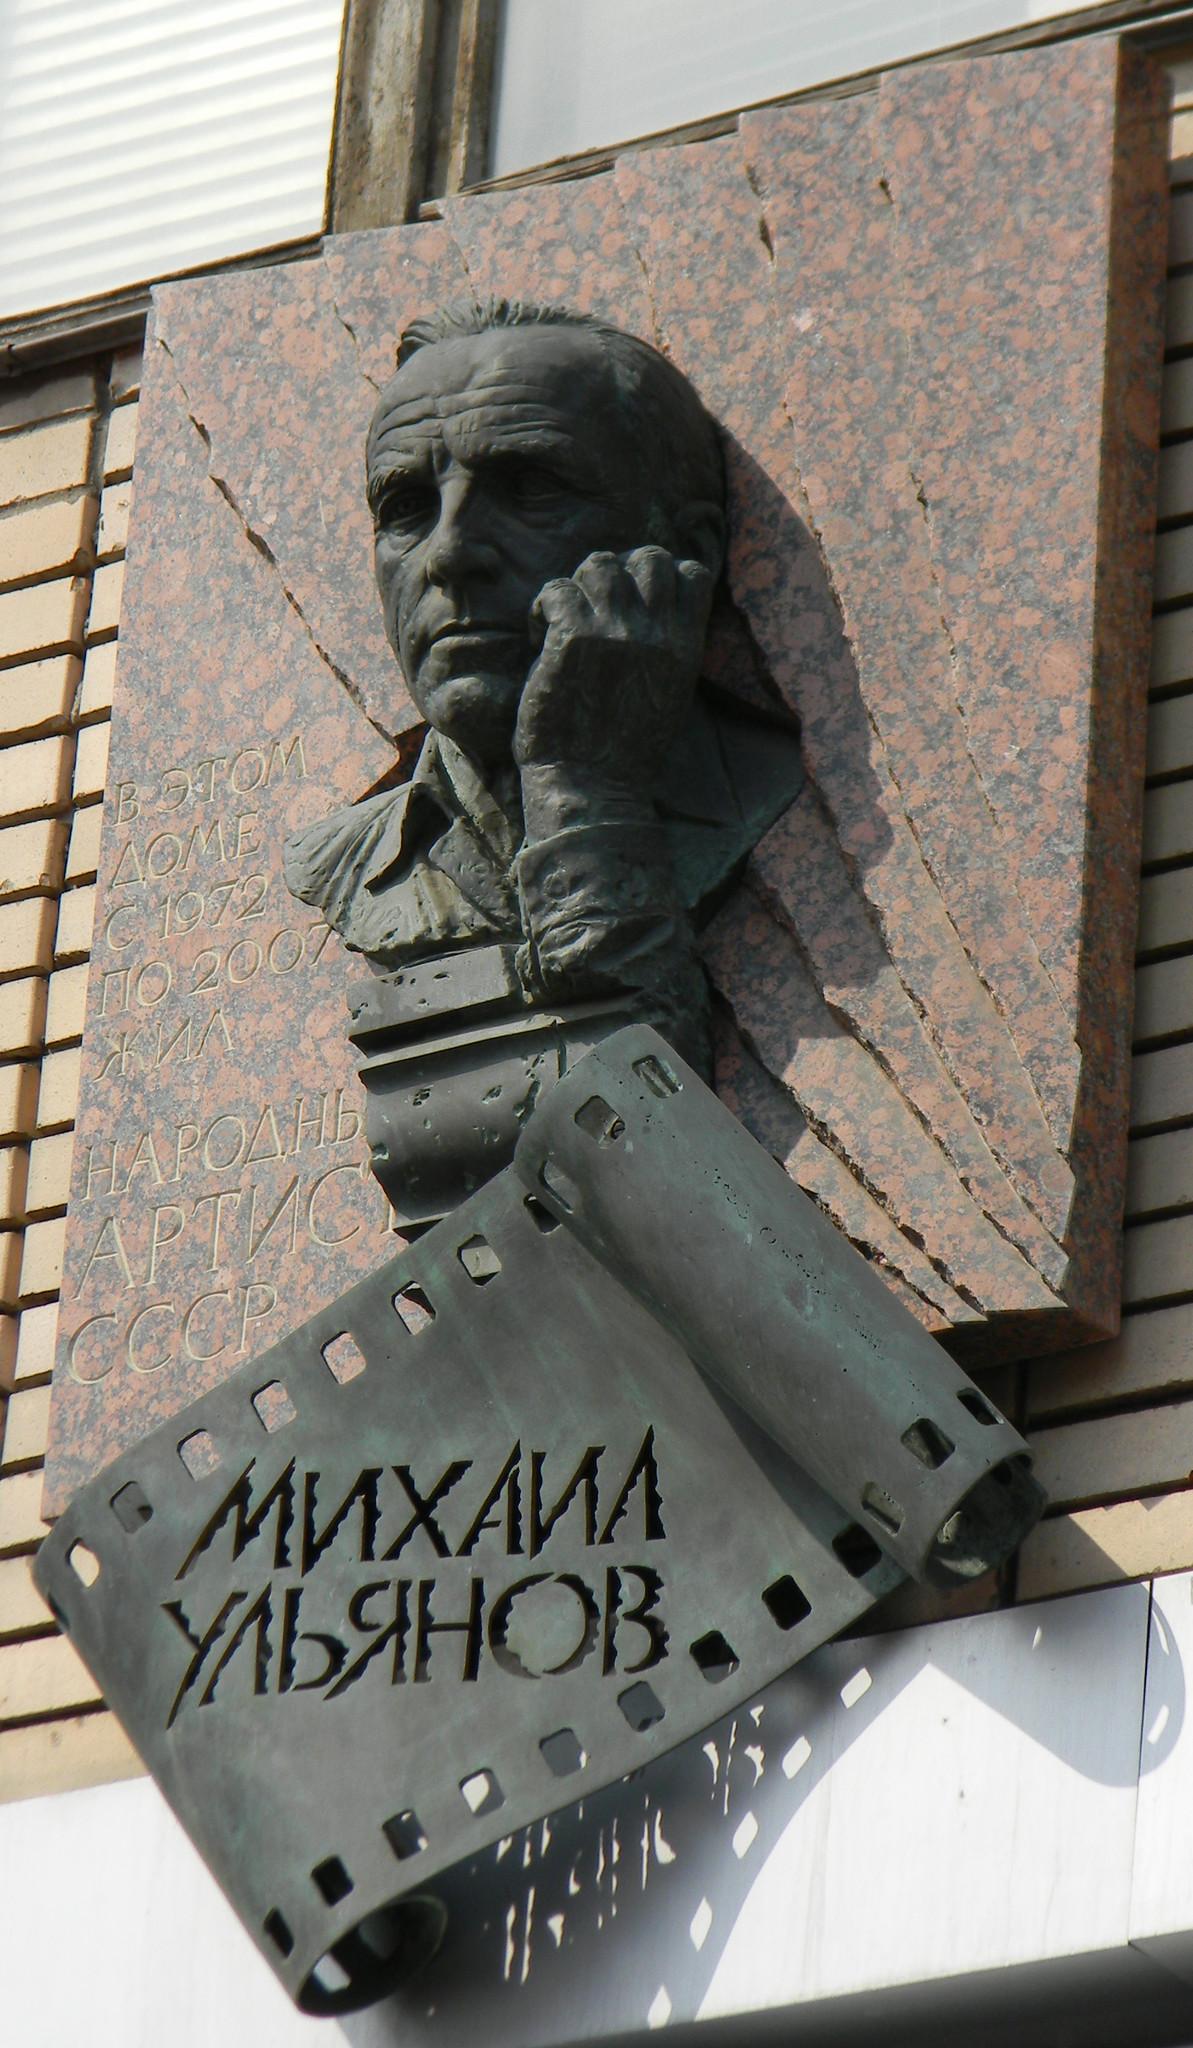 Мемориальная доска на доме по улице Большой Бронной, 29, где с 1972 по 2007 год жил Михаил Ульянов